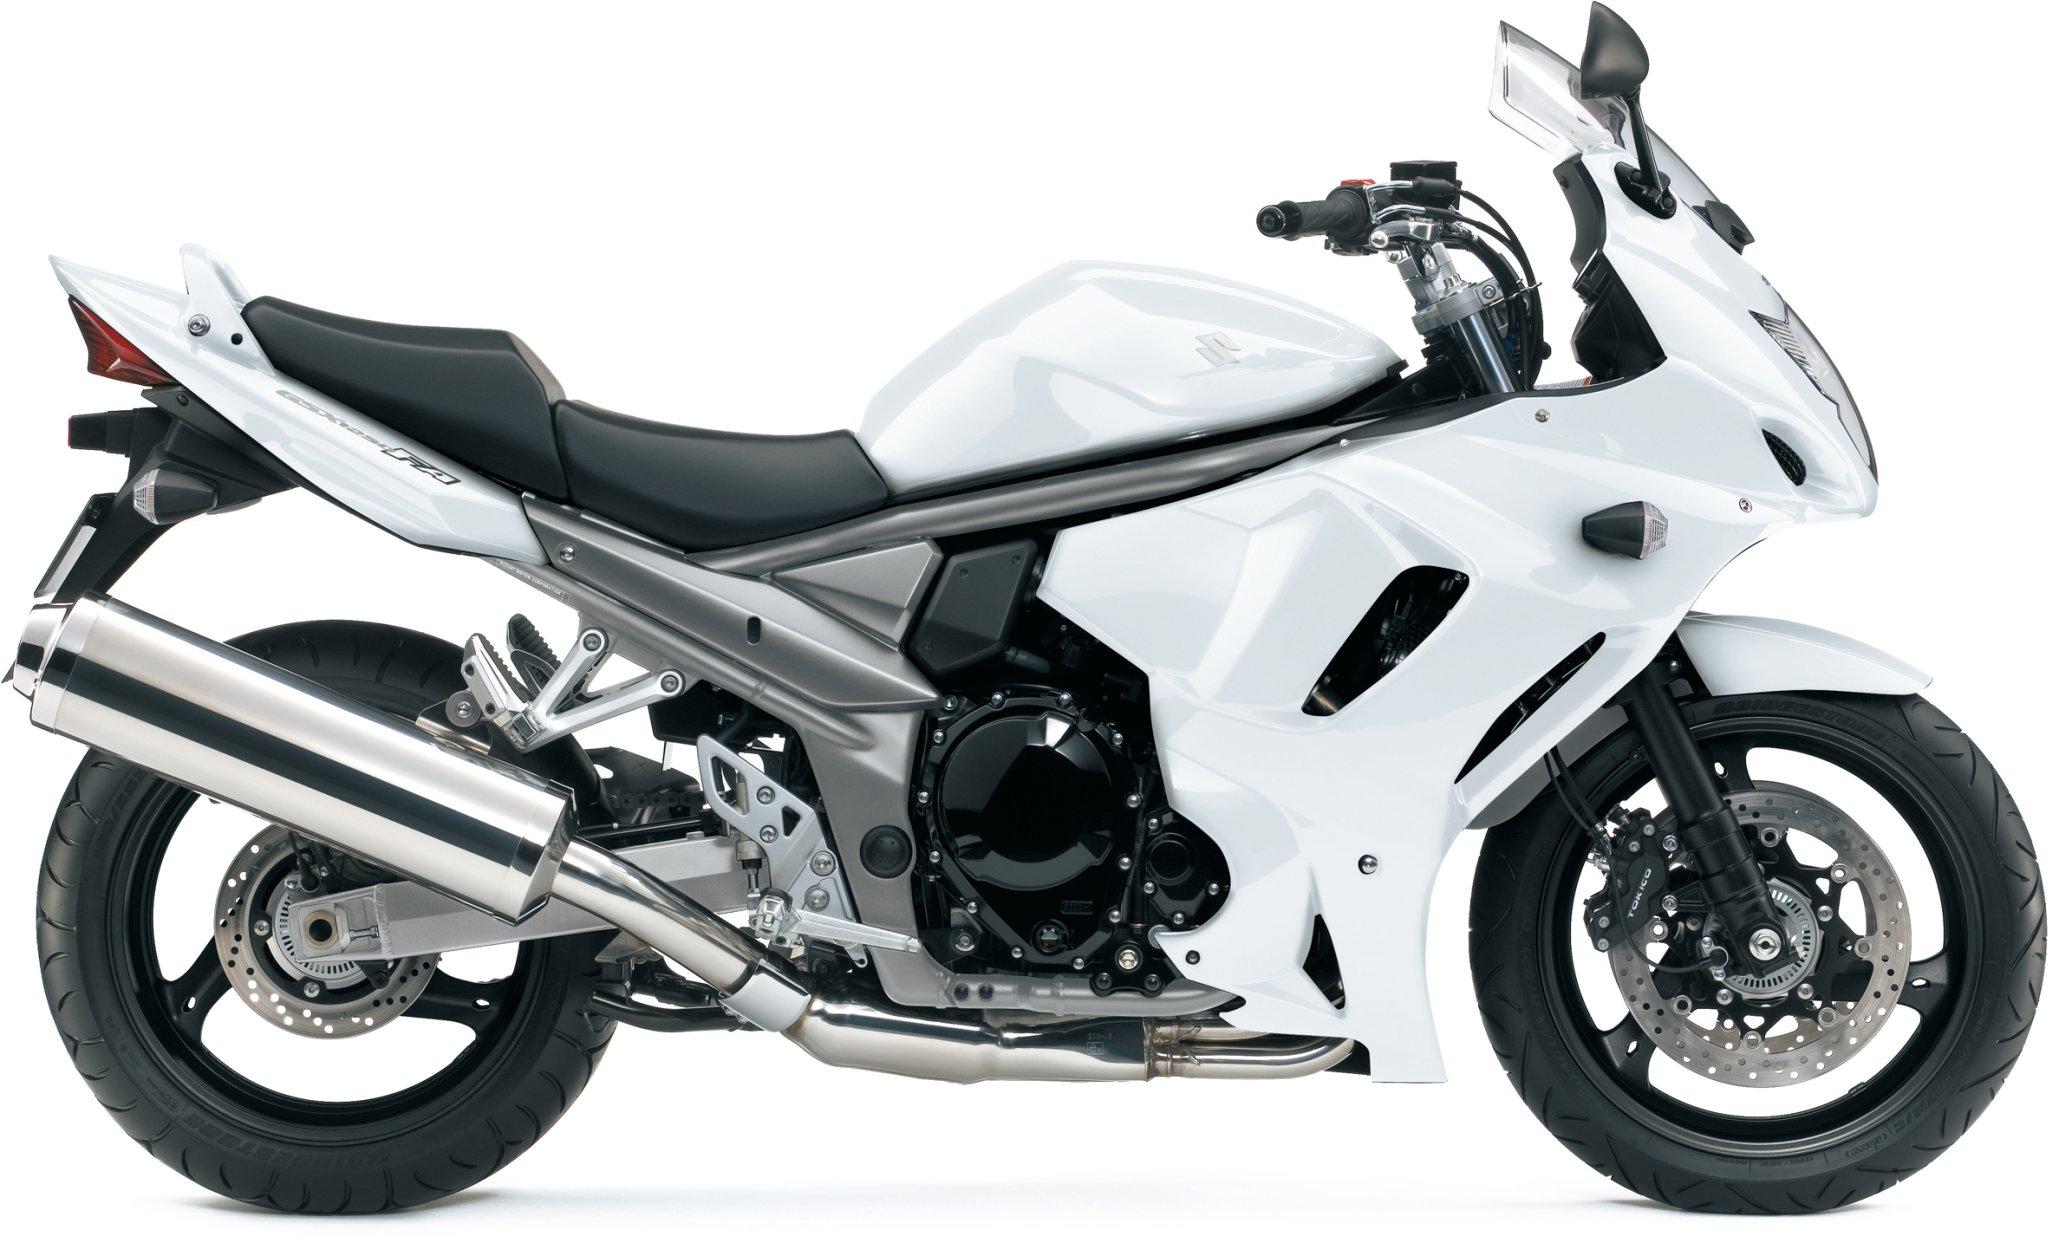 Gebrauchte und neue Suzuki GSX 1250 F Motorräder kaufen | 2048 x 1243 jpeg 358kB